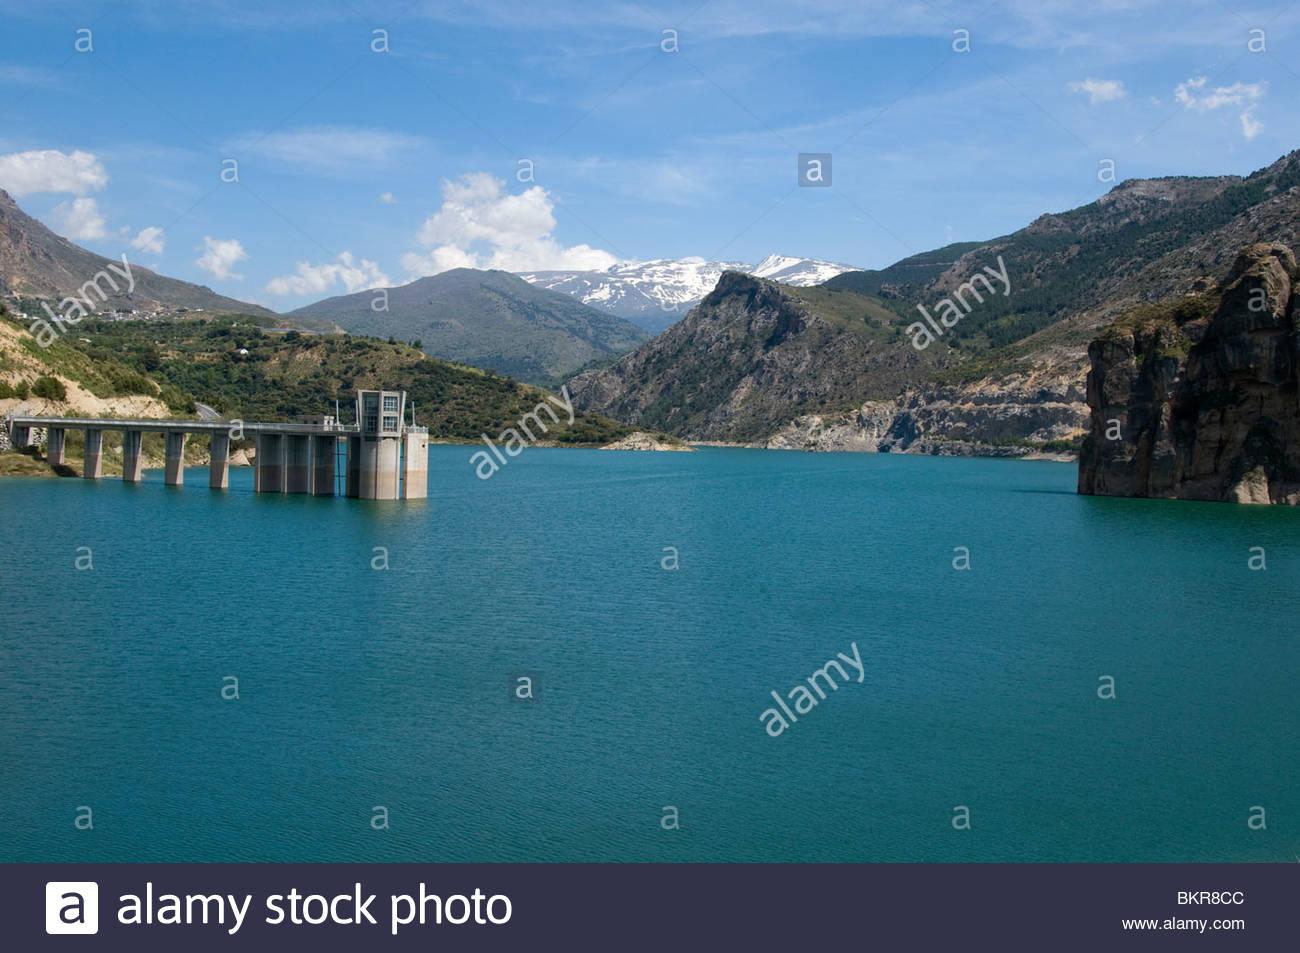 Le barrage et le réservoir d'eau de Canales, sur la rivière Genil, près de Grenade.. Le mur de Photo Stock